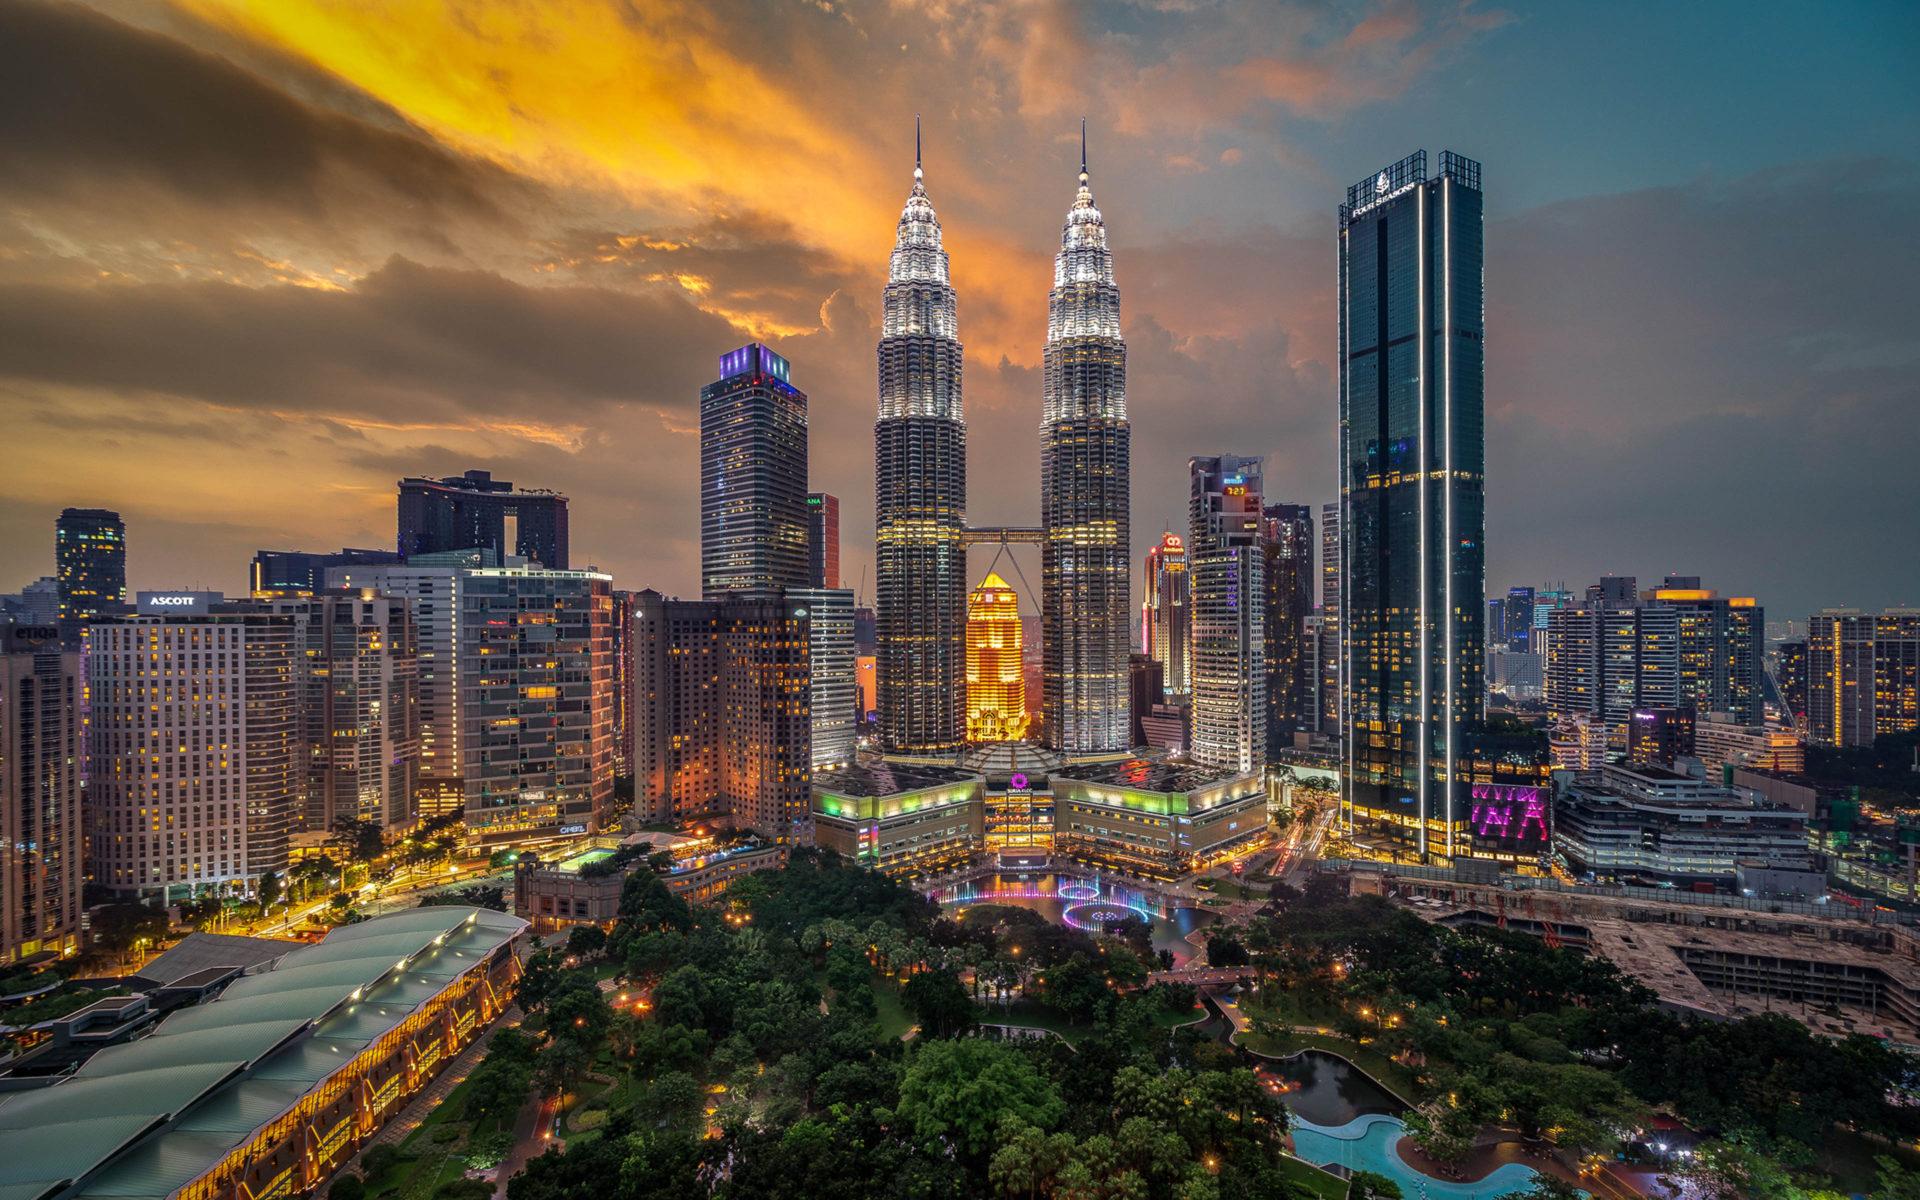 Hình ảnh tháp đôi Petronas - thủ đô Kuala Lumpur Malaysia